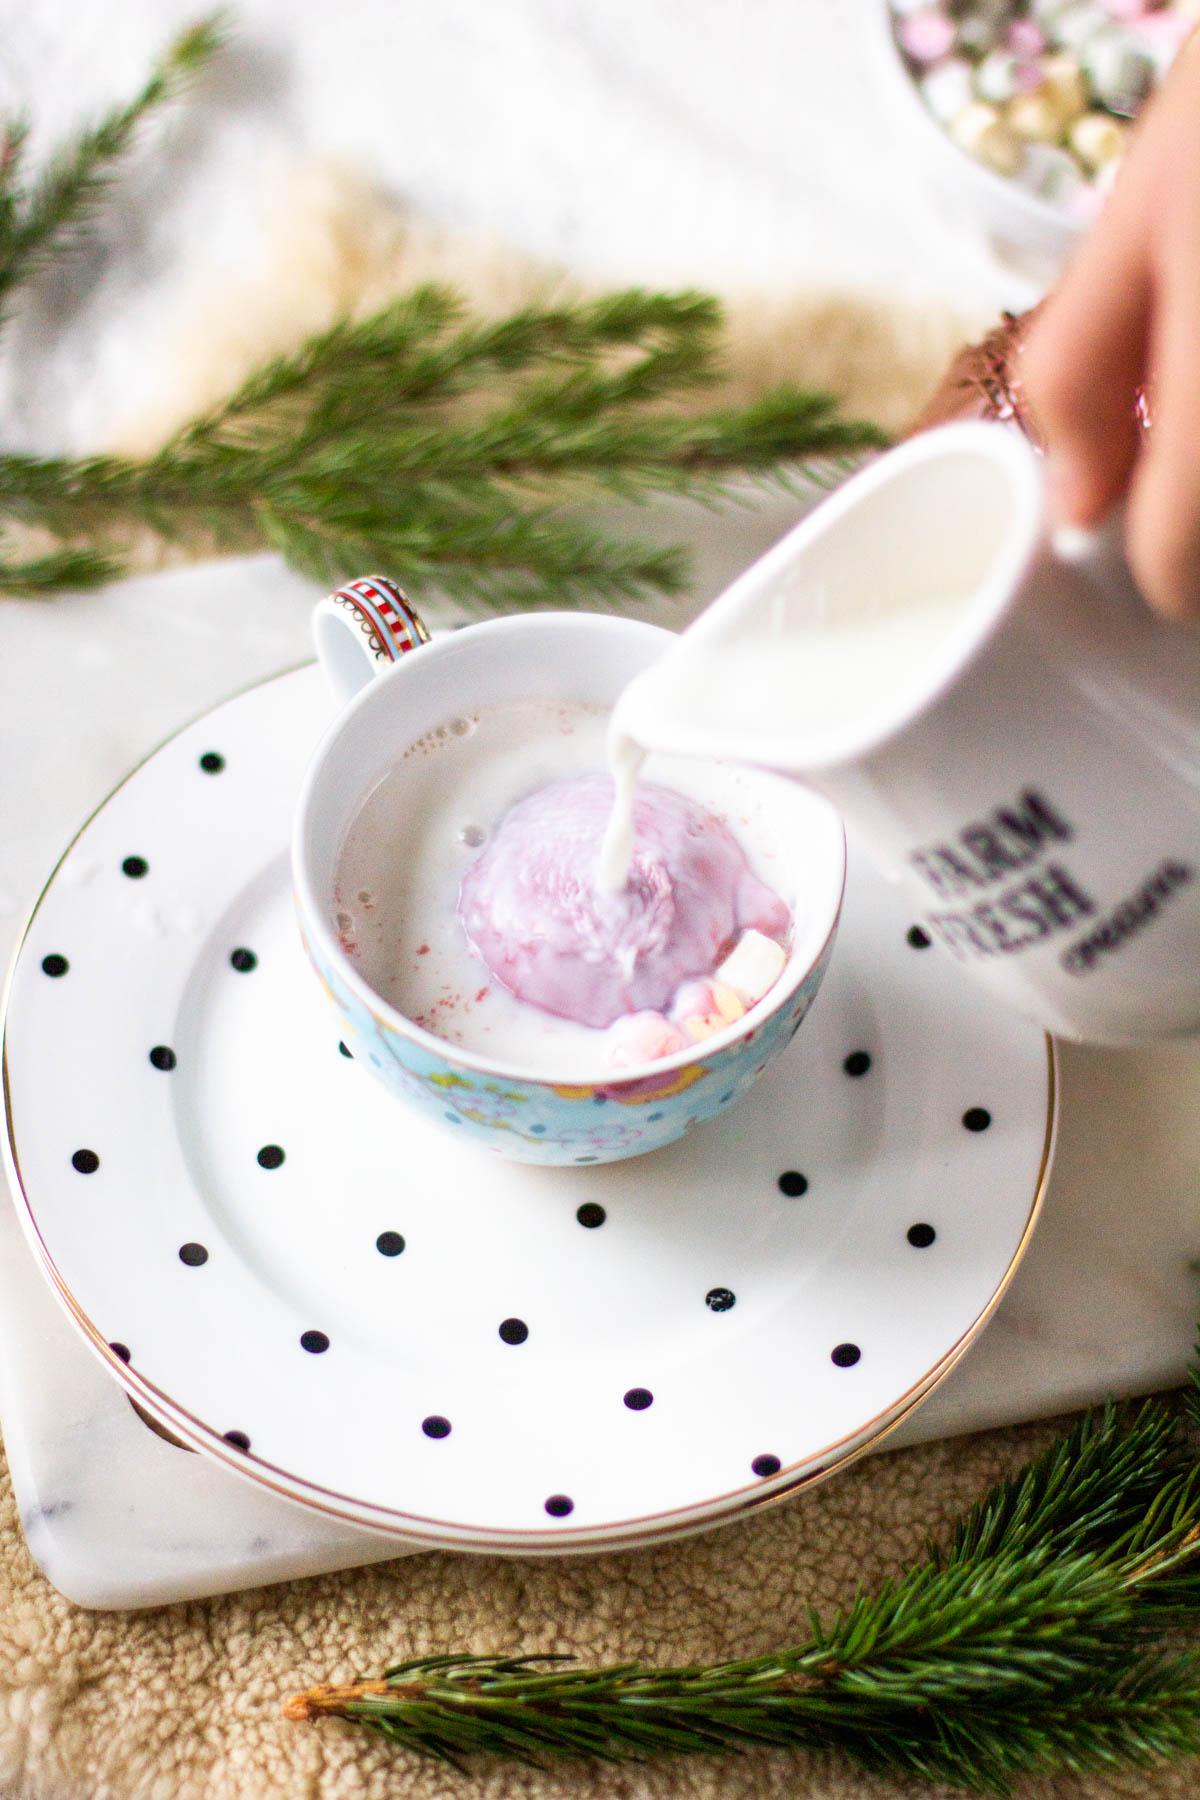 Maidon kaataminen kaakaopallon päälle ja sisältä vapautuvat vaahtokarkit